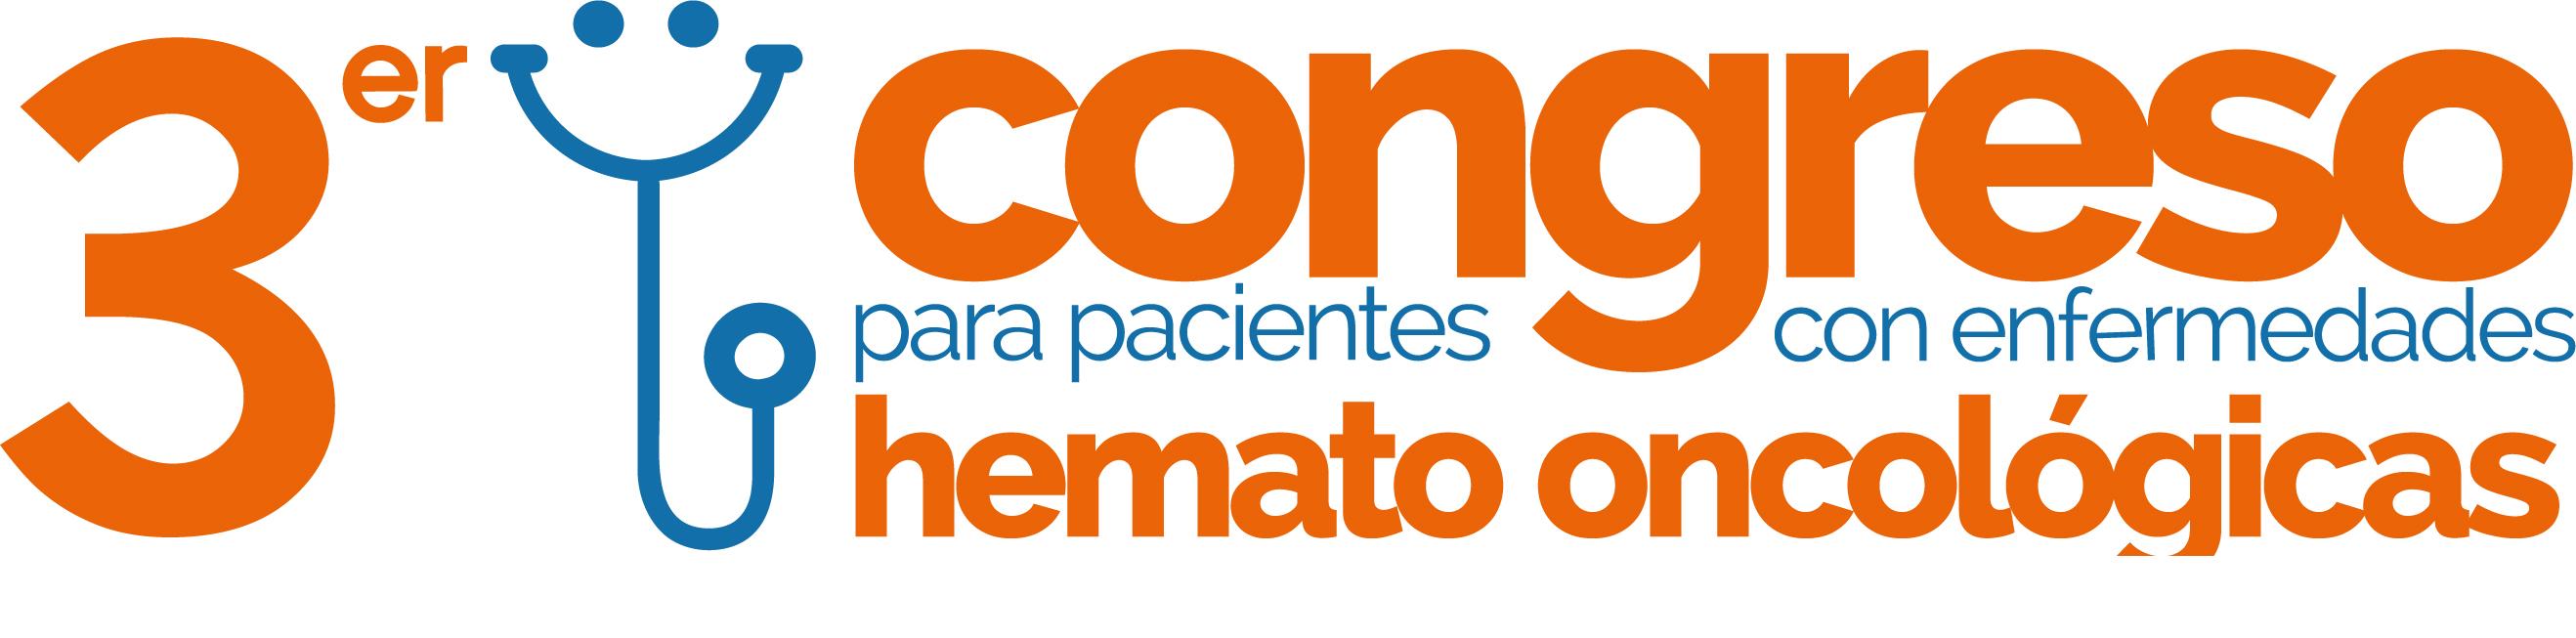 logotipo 3er congreso f